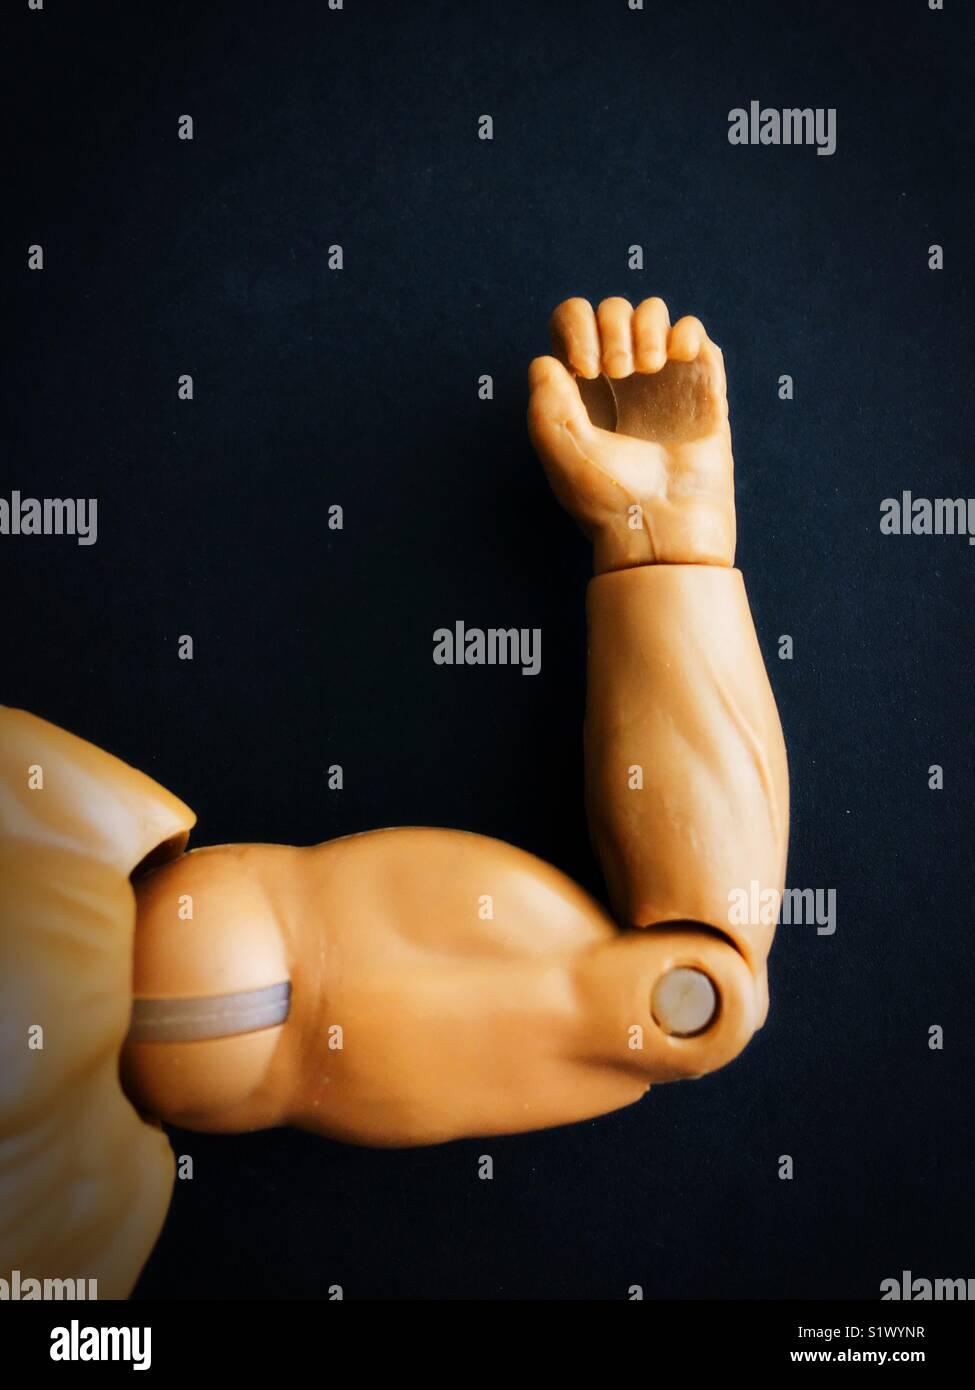 Gros plan d'une poupée mâle en plastique flexion du bras de muscle. Photo Stock